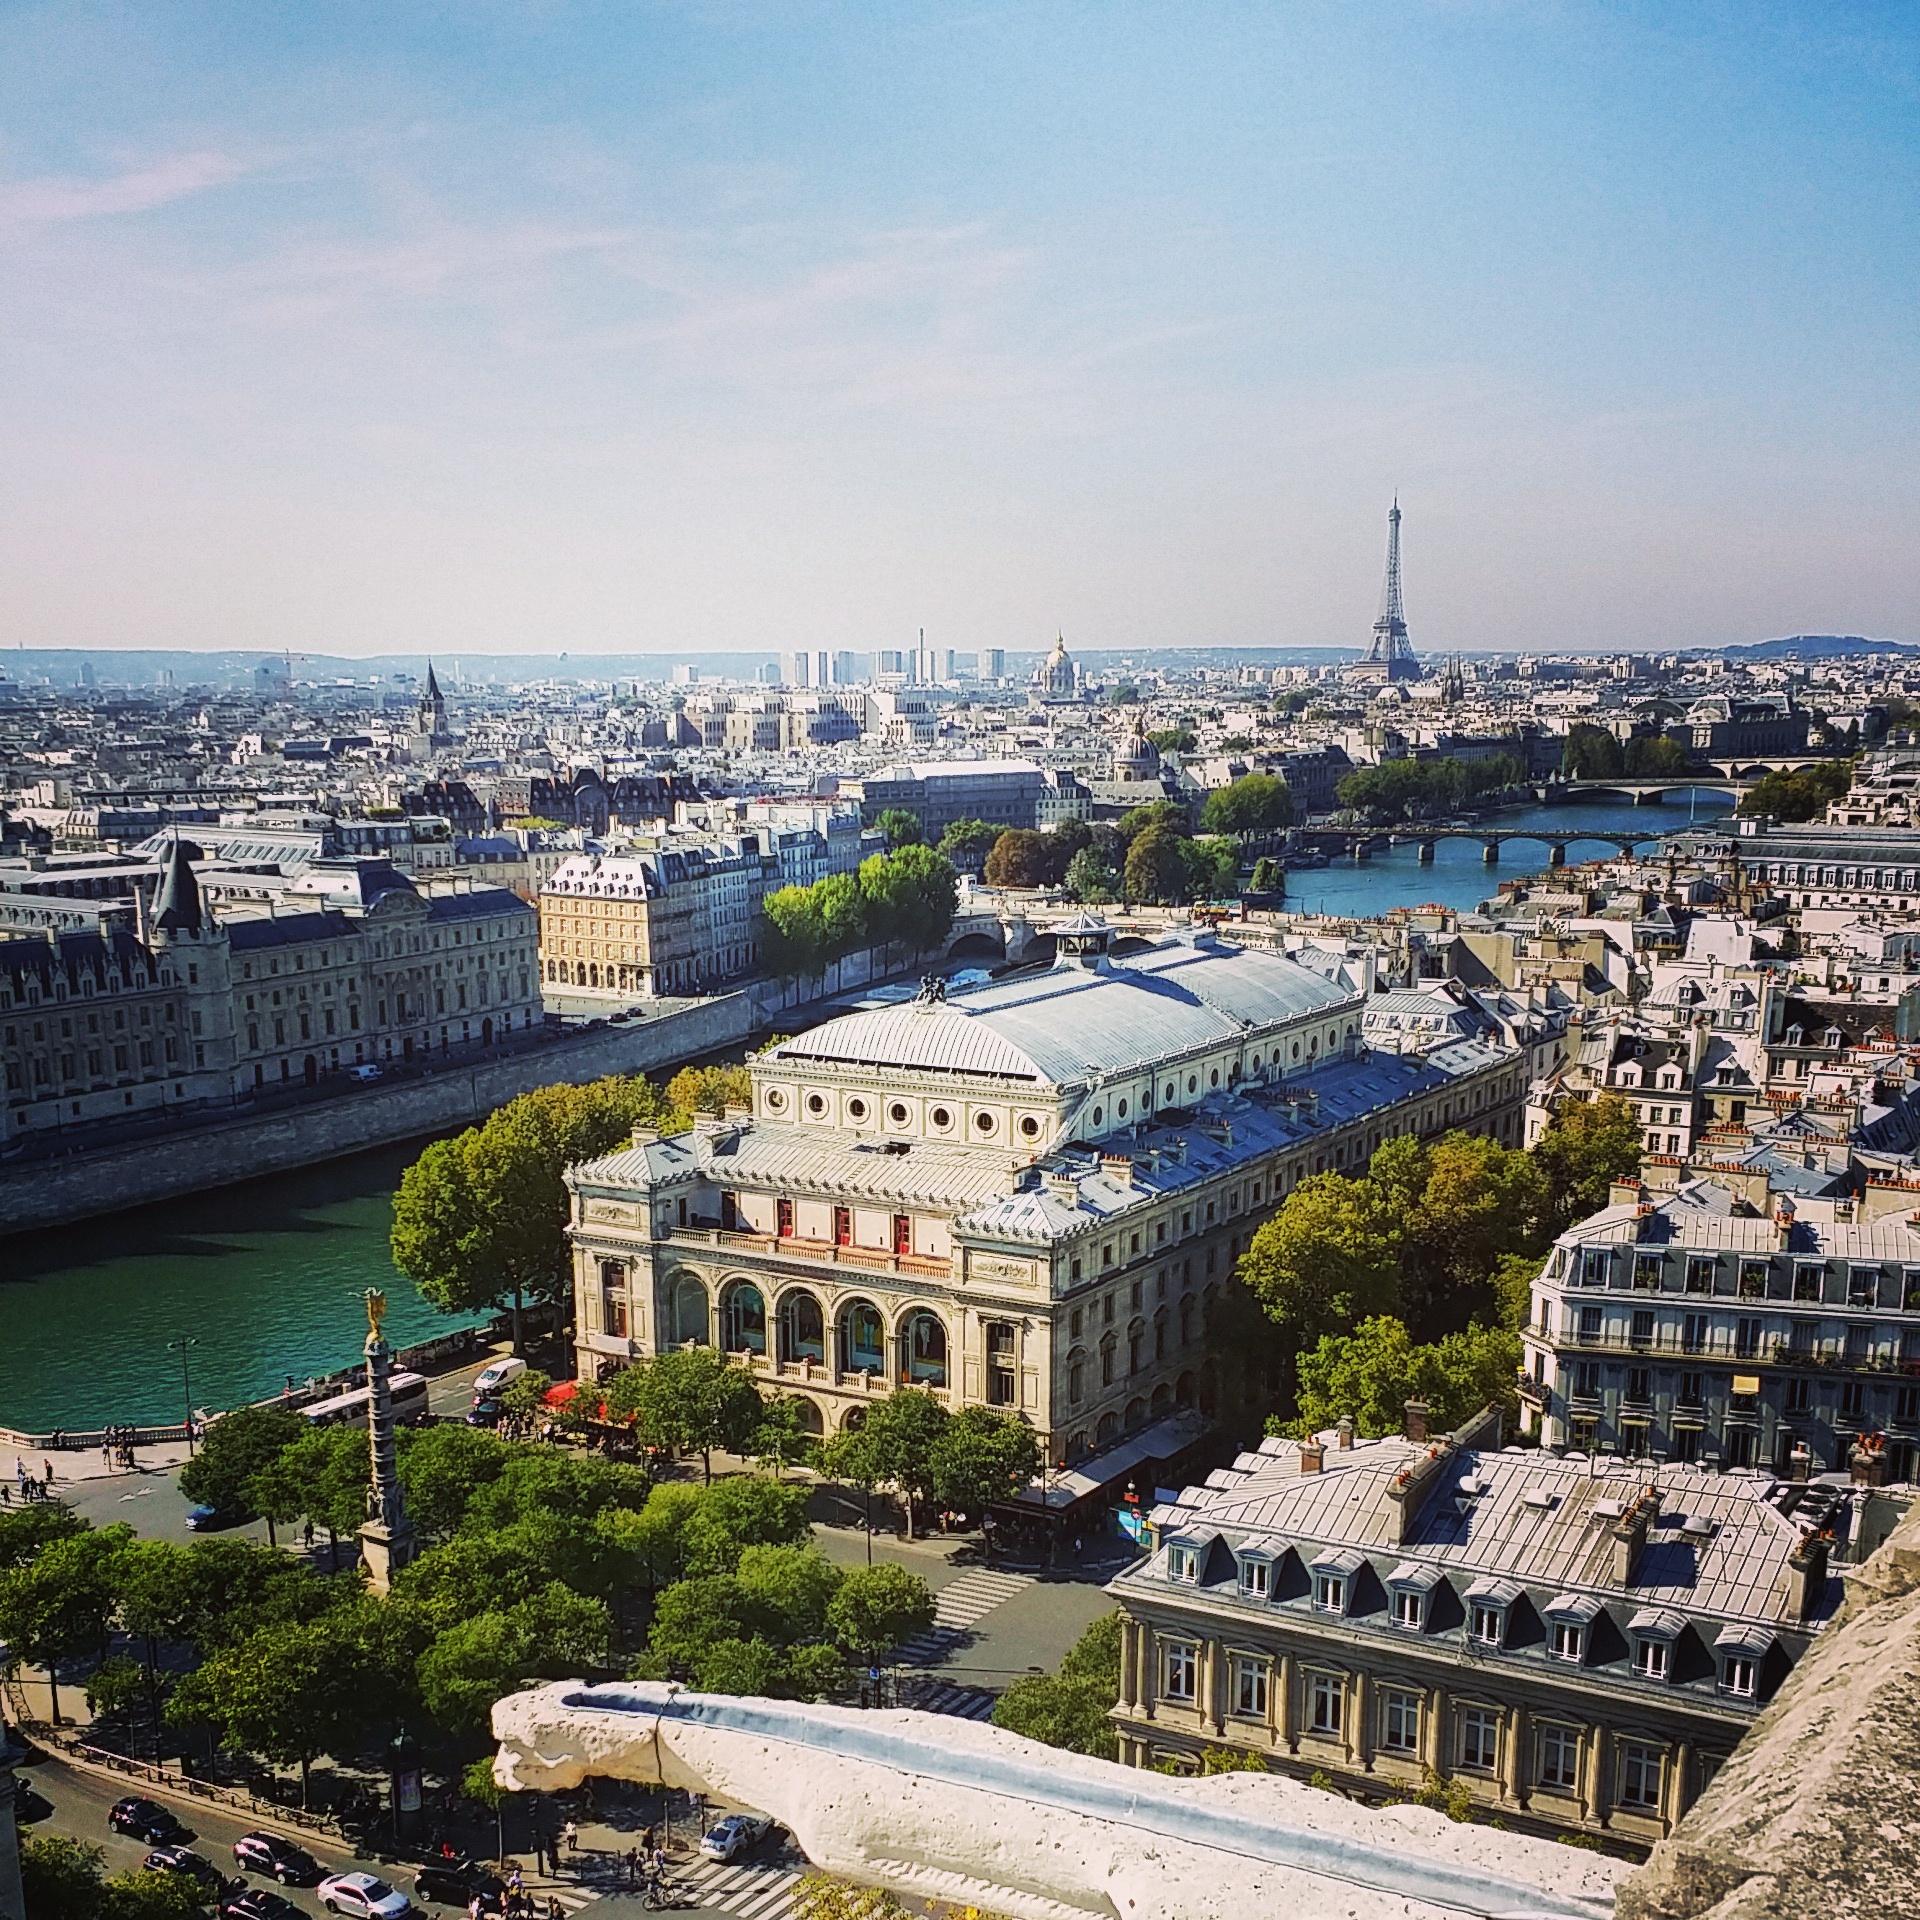 Vue sur la Place et le Théâtre du Châtelet Conciergerie la Tour Eiffel depuis la Tour Saint Jacques Paris visite photo by United States of Paris blog